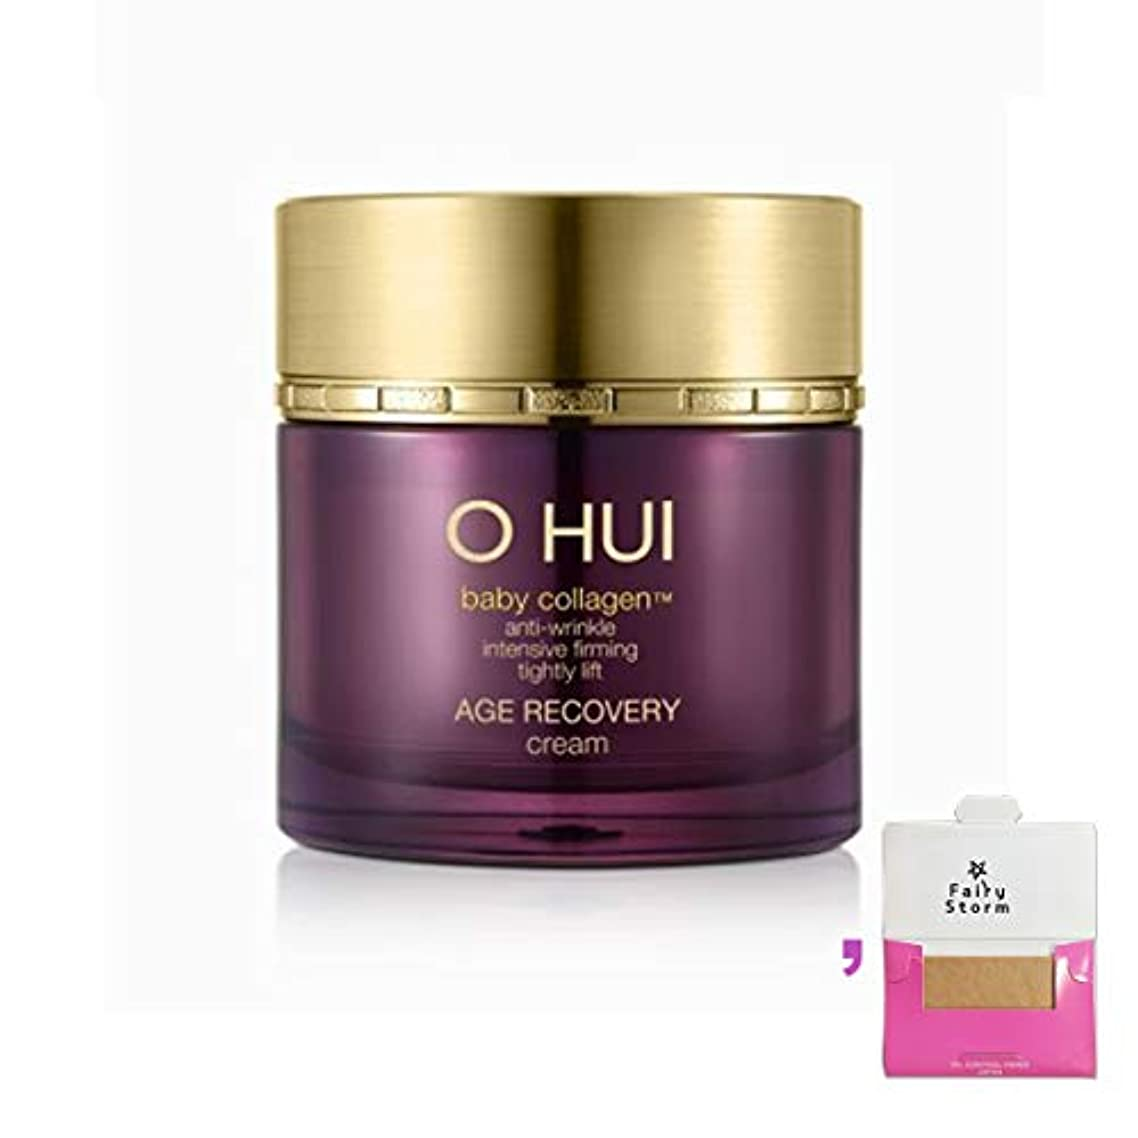 コンテンポラリー寝具眠り[オフィ/ O HUI]韓国化粧品 LG生活健康/オフィ エイジ リカバリー クリーム/O HUI AGE RECOVERY CREAM 50ml+ [Sample Gift](海外直送品)